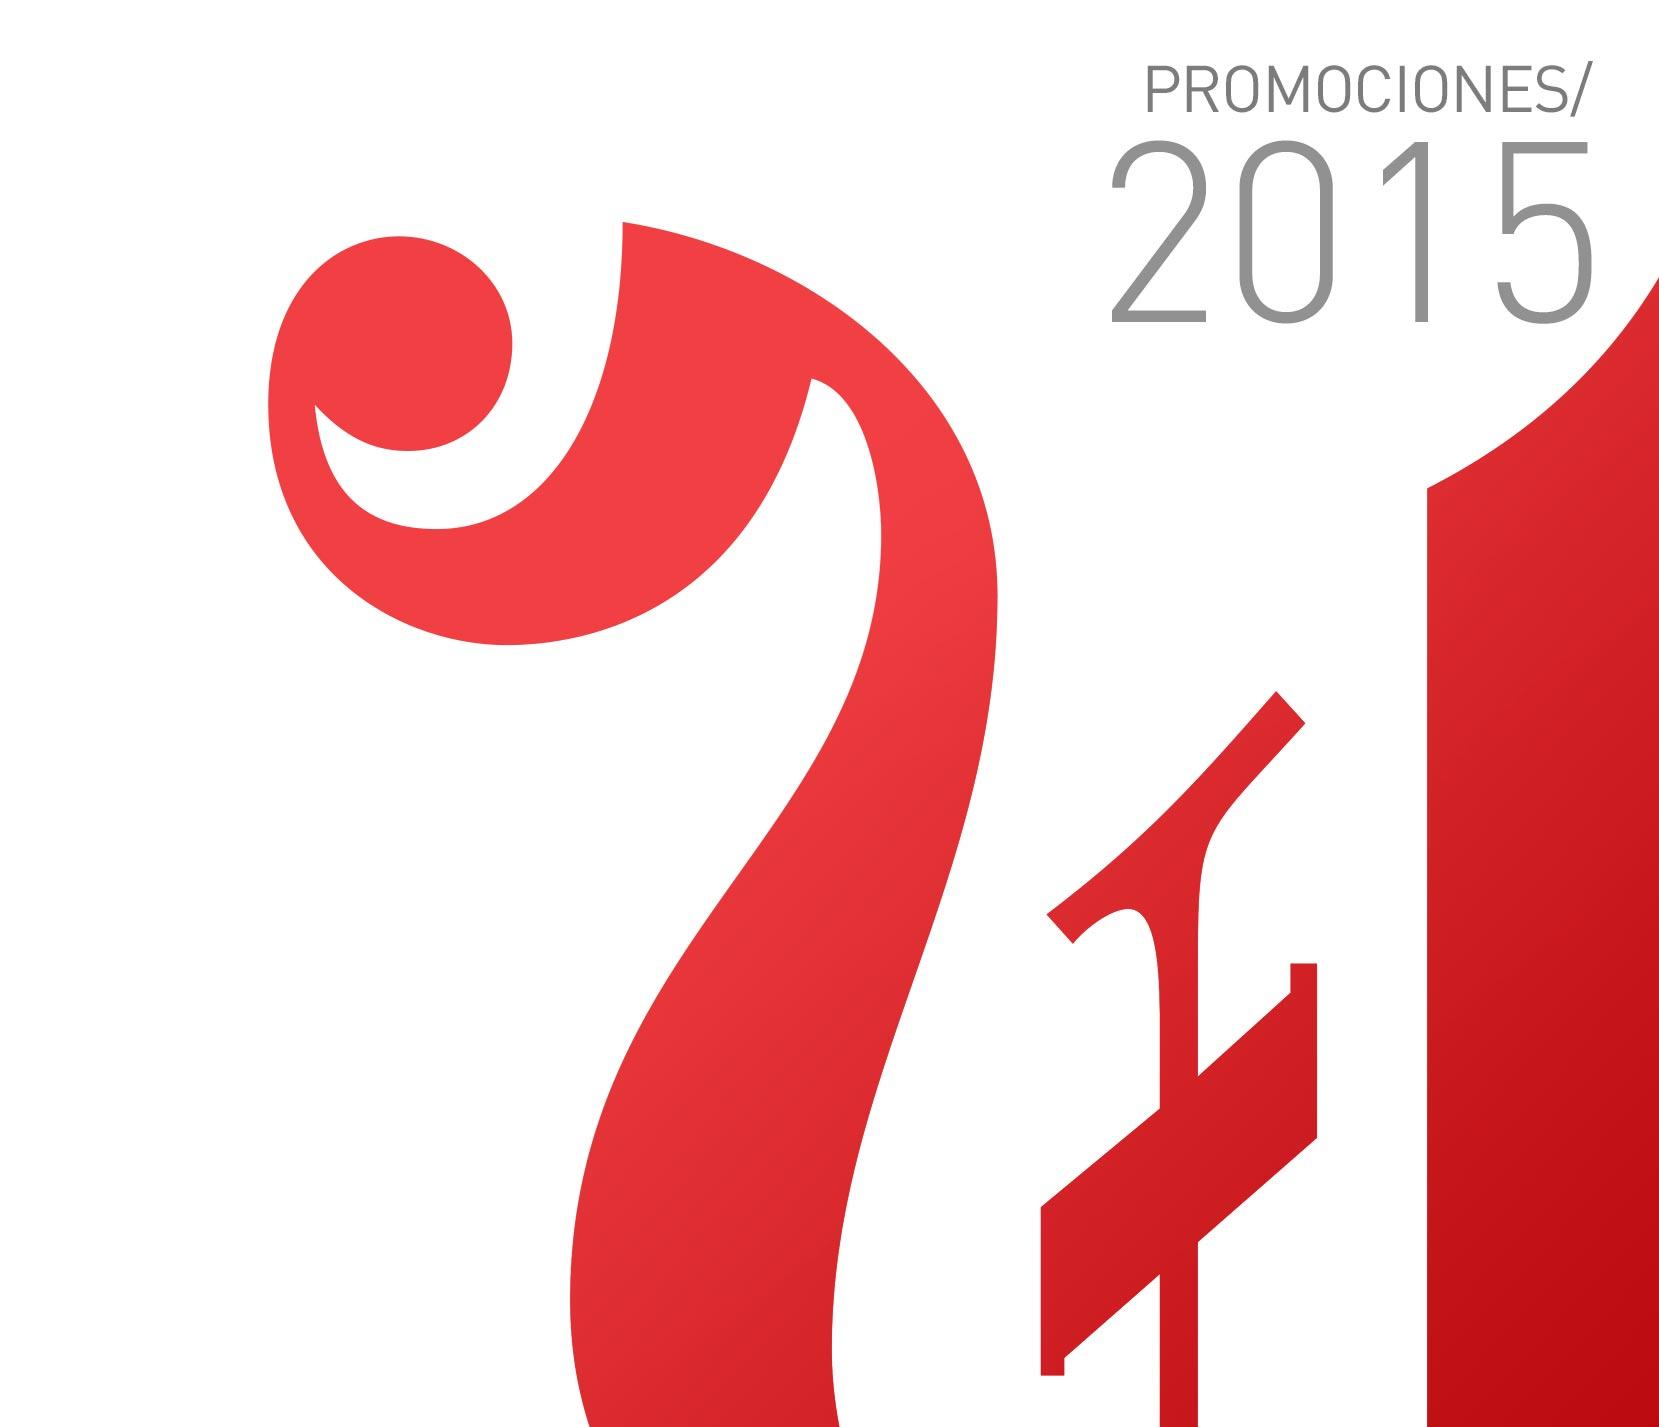 Promociones La Voz de Galicia 2015